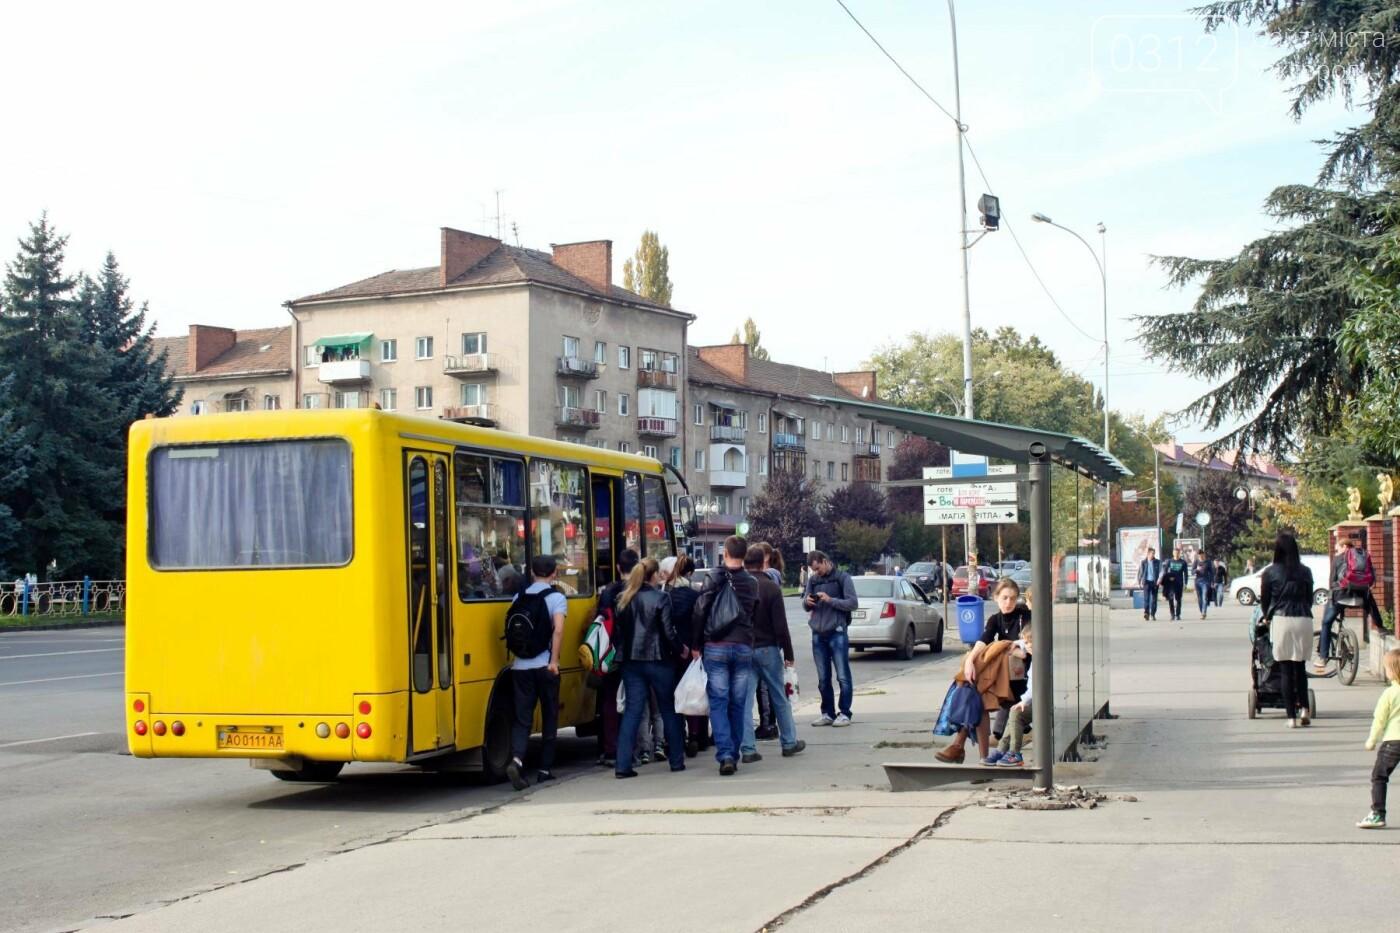 Антивандальне скло та відеоспостереження: чим дивуватимуть нові зупинки в Ужгороді? (ФОТОРЕПОРТАЖ), фото-15